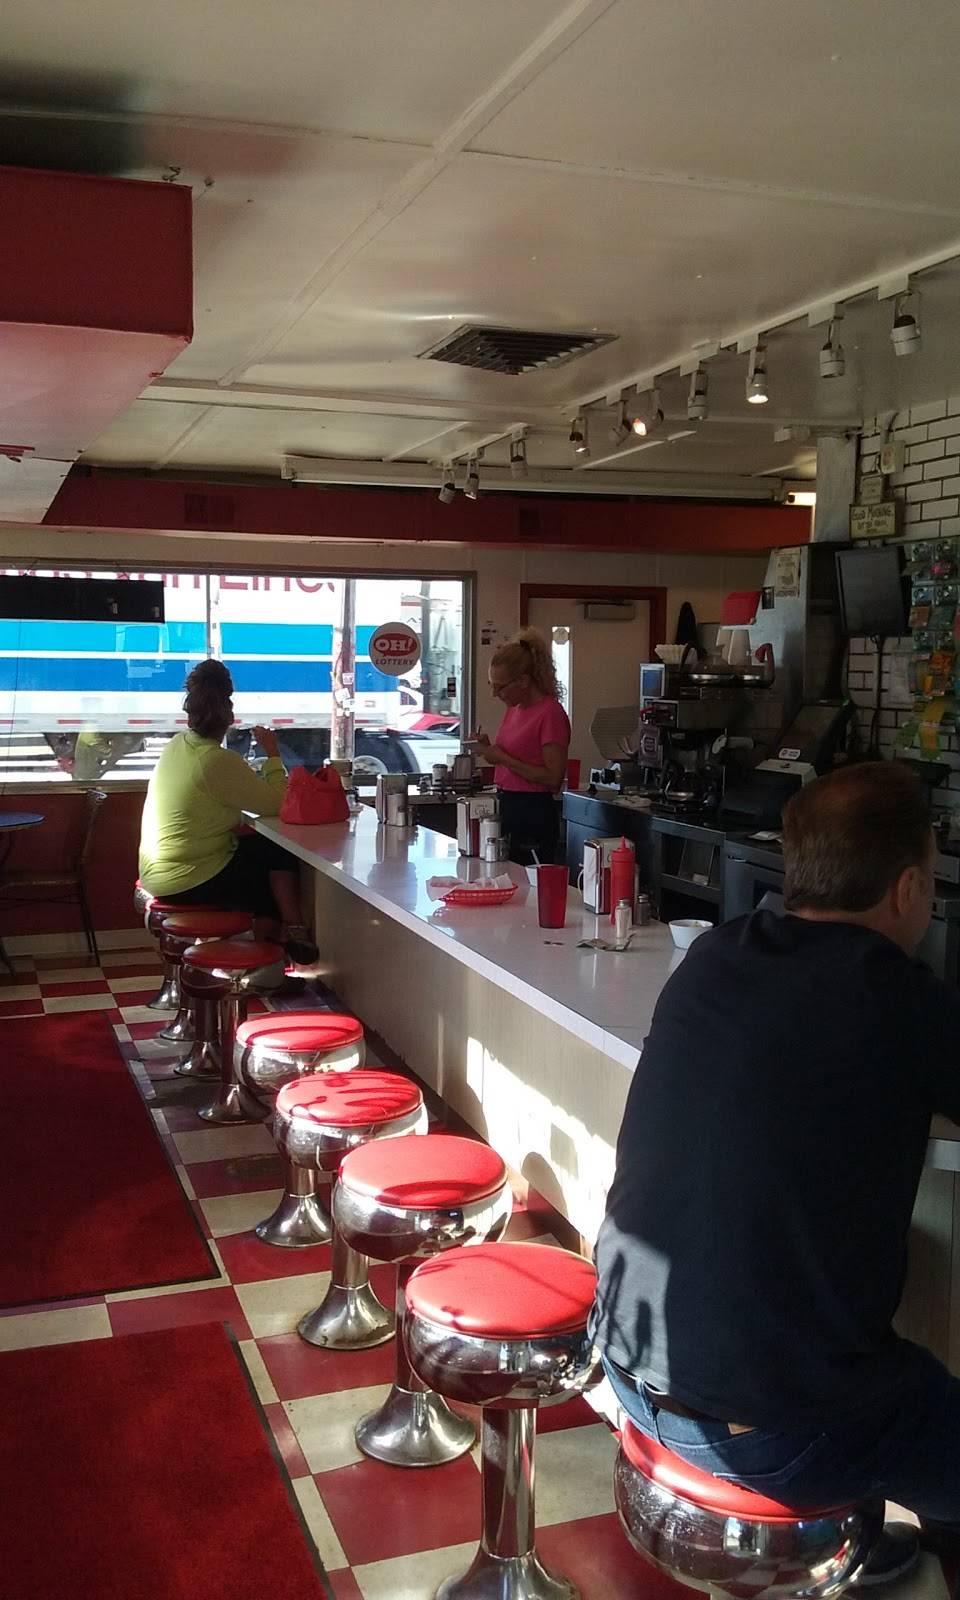 Charlie's Dog House Diner   restaurant   2102 Brookpark Rd, Cleveland, OH 44134, USA   2166614873 OR +1 216-661-4873